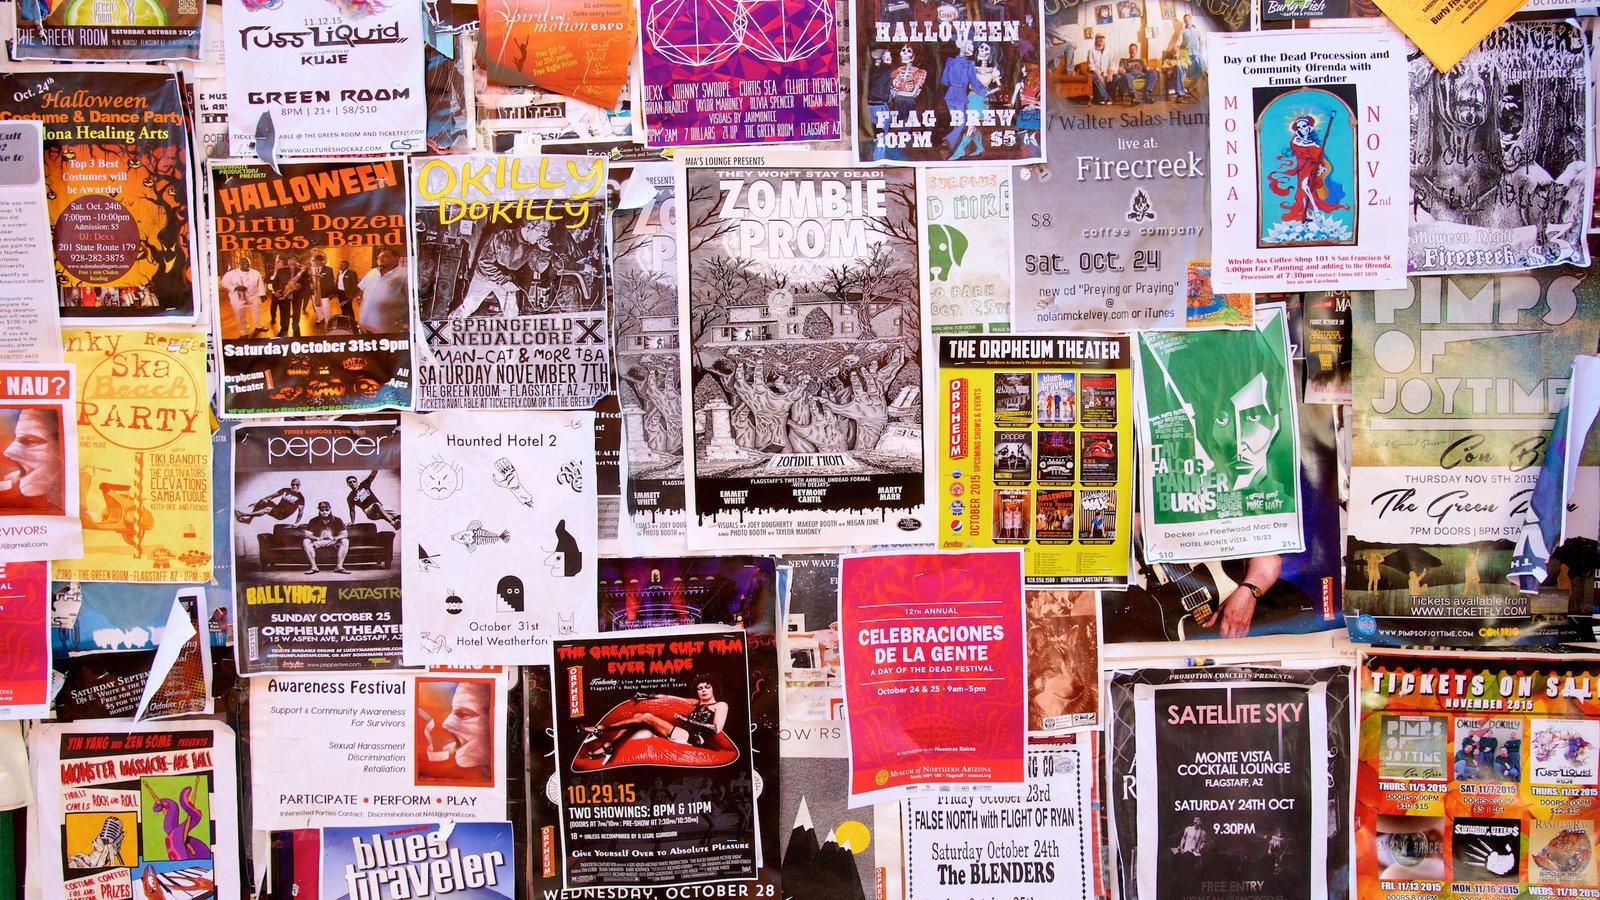 Flagstaff mostrando sinalização e arte ao ar livre